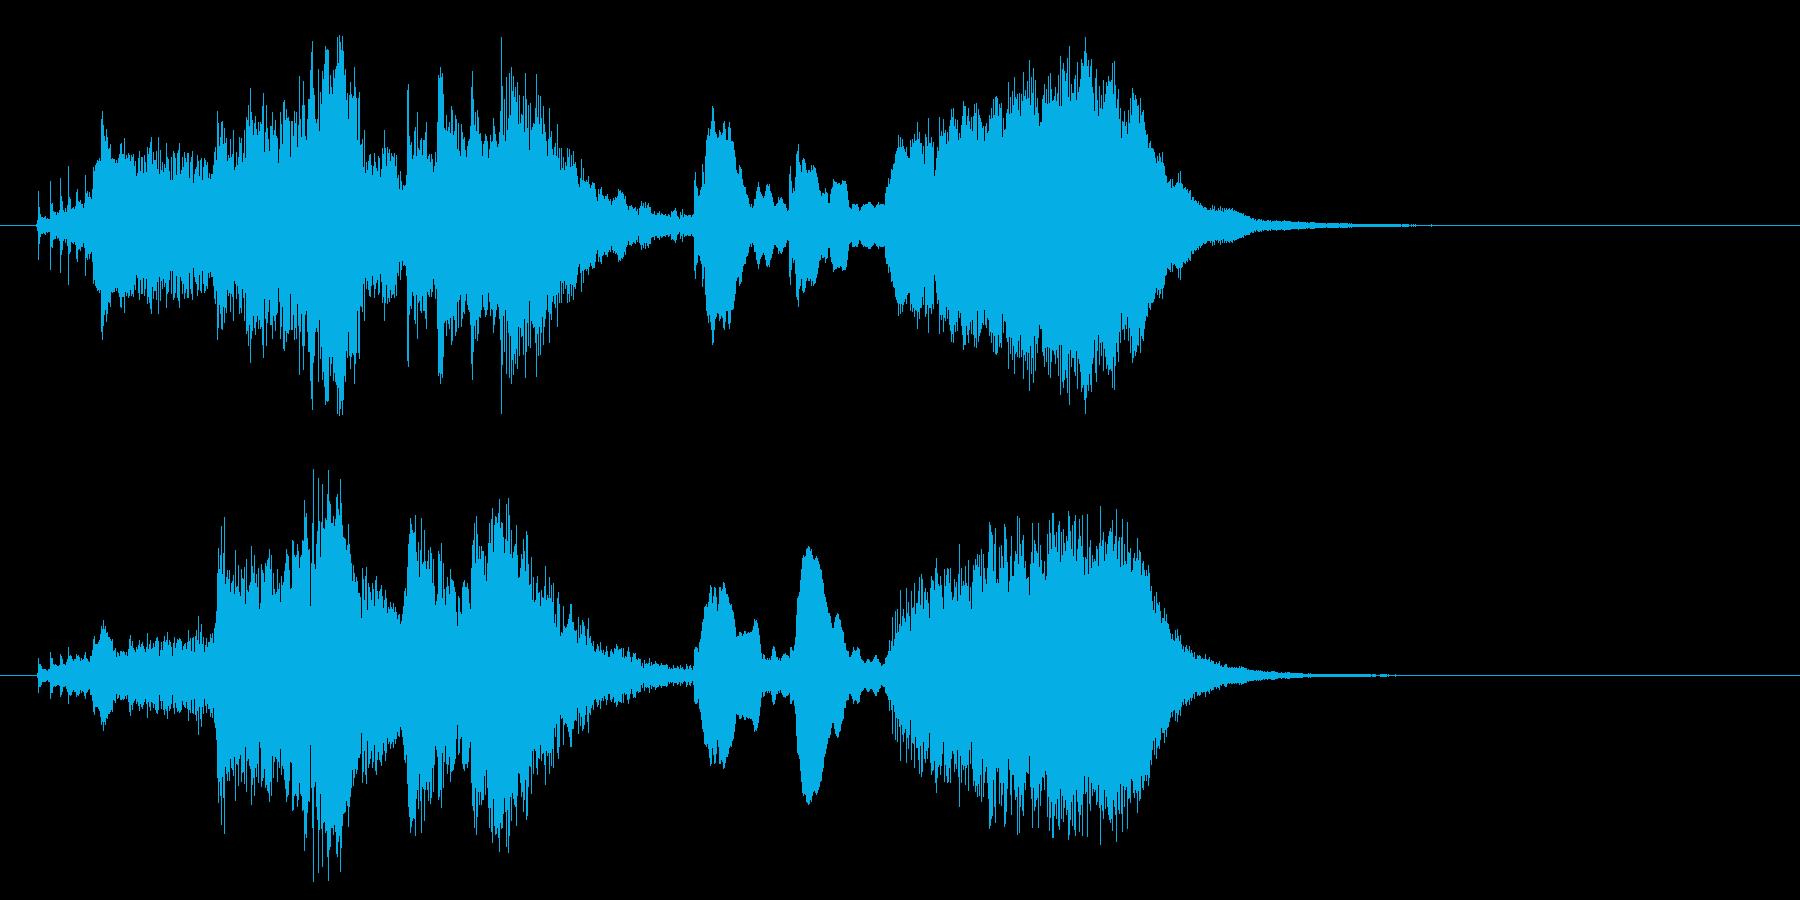 ひょっこりとしたオーケストラジングルの再生済みの波形